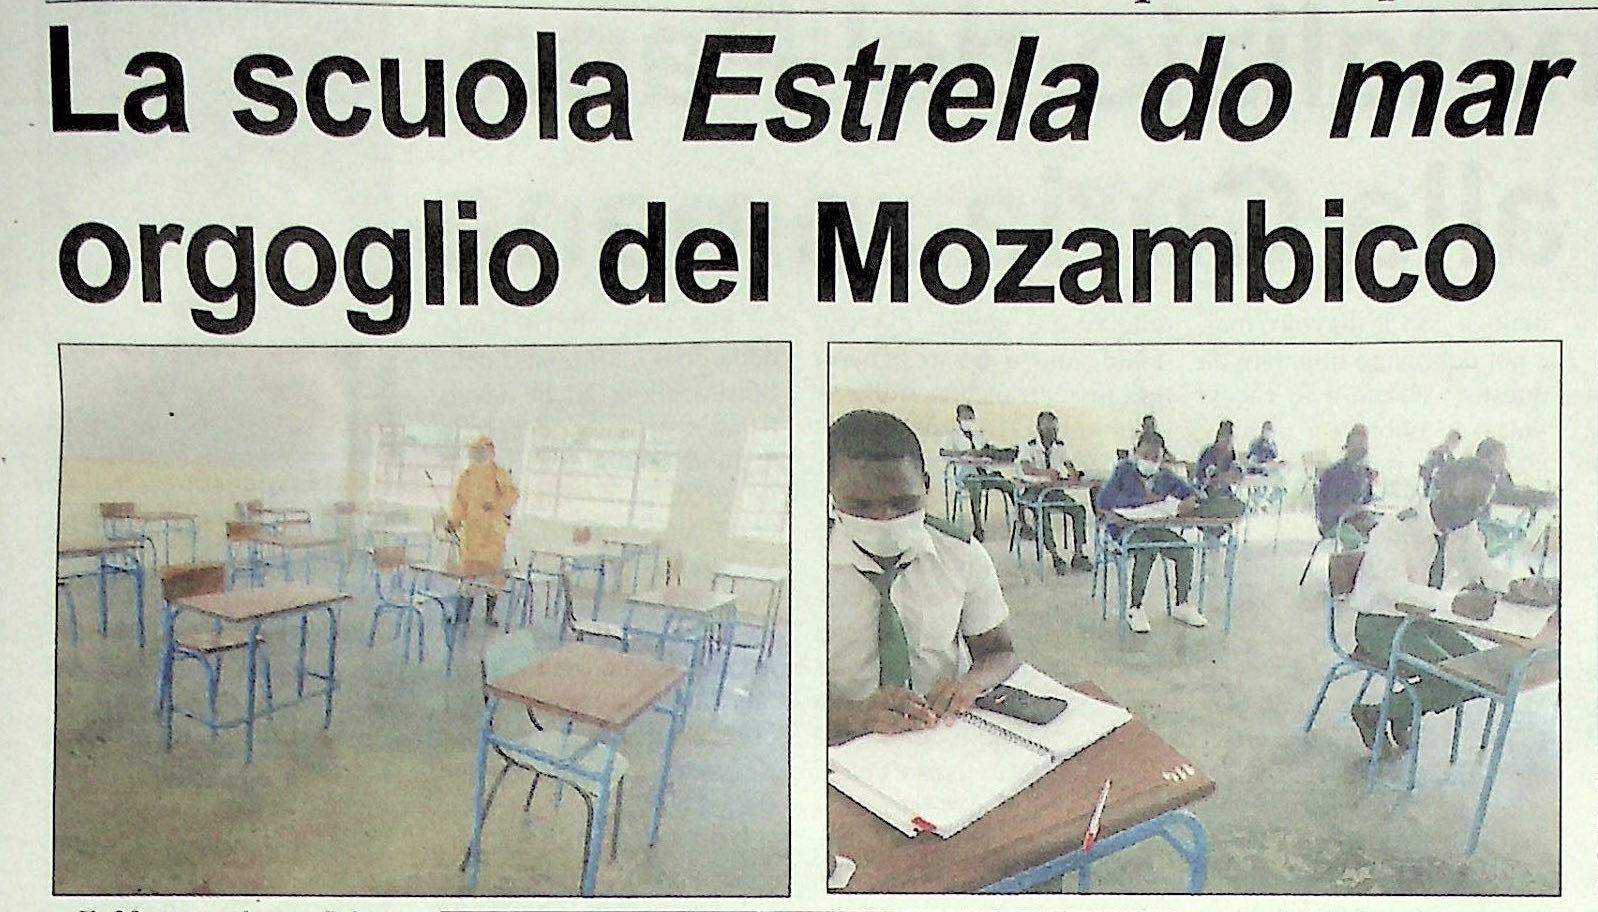 La scuola Estrela do Mar, orgoglio del Mozambico